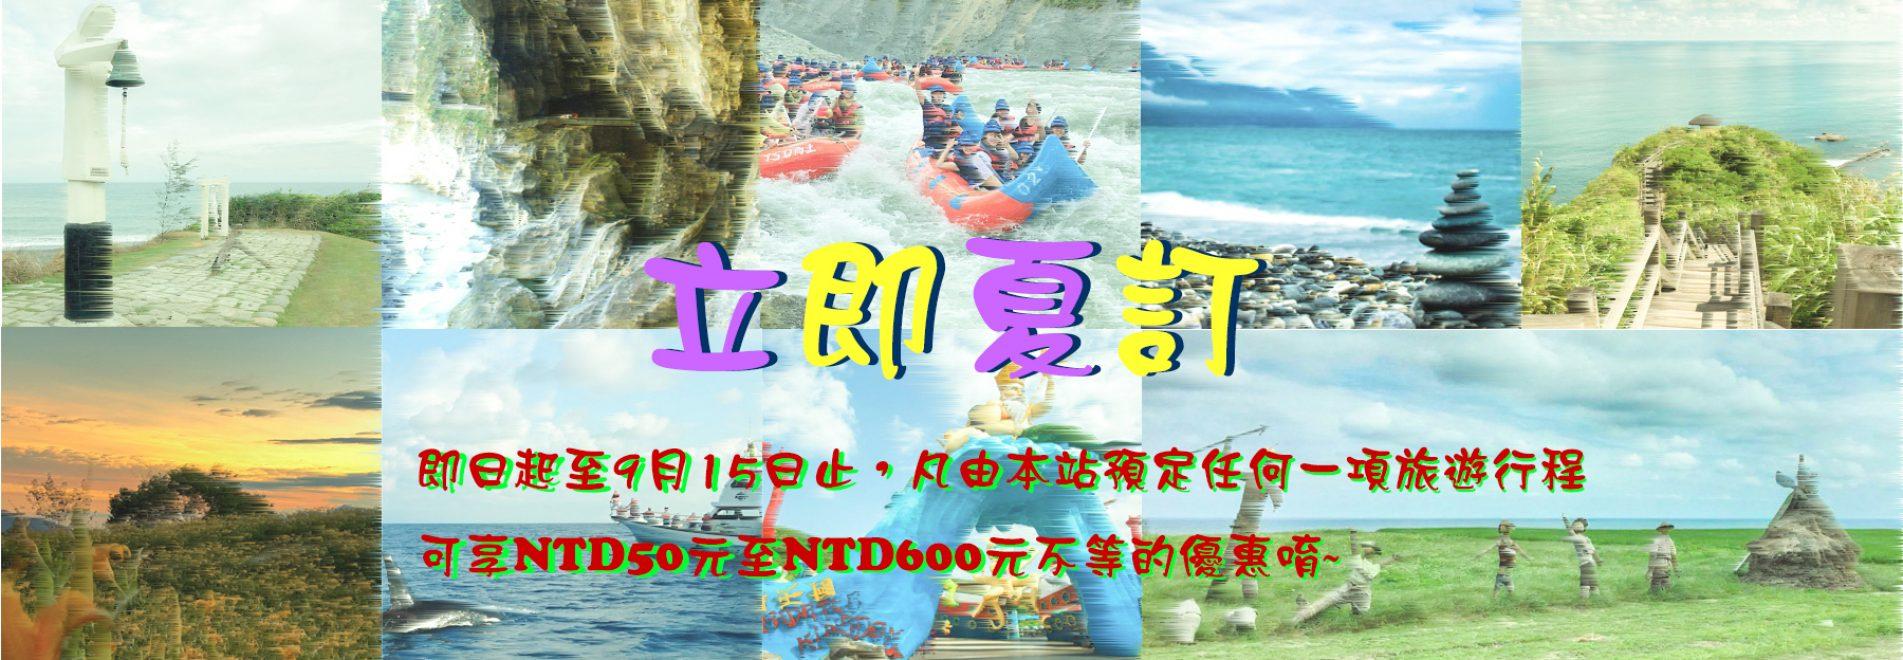 台灣向上旅遊網